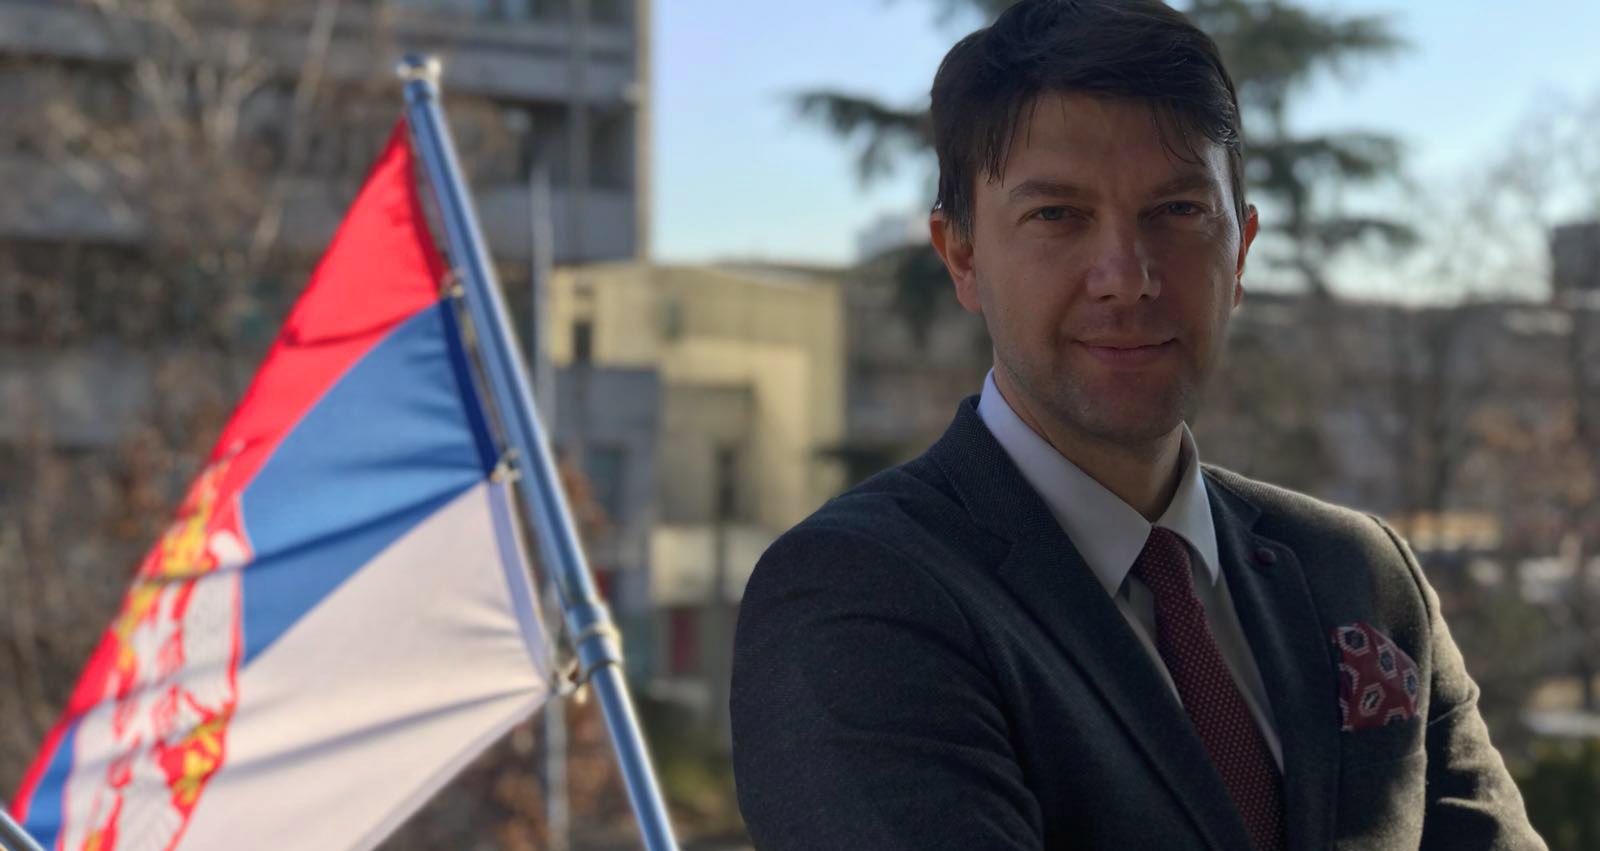 Јовановић: Сви незадовољни да искористе право гласа 4. марта